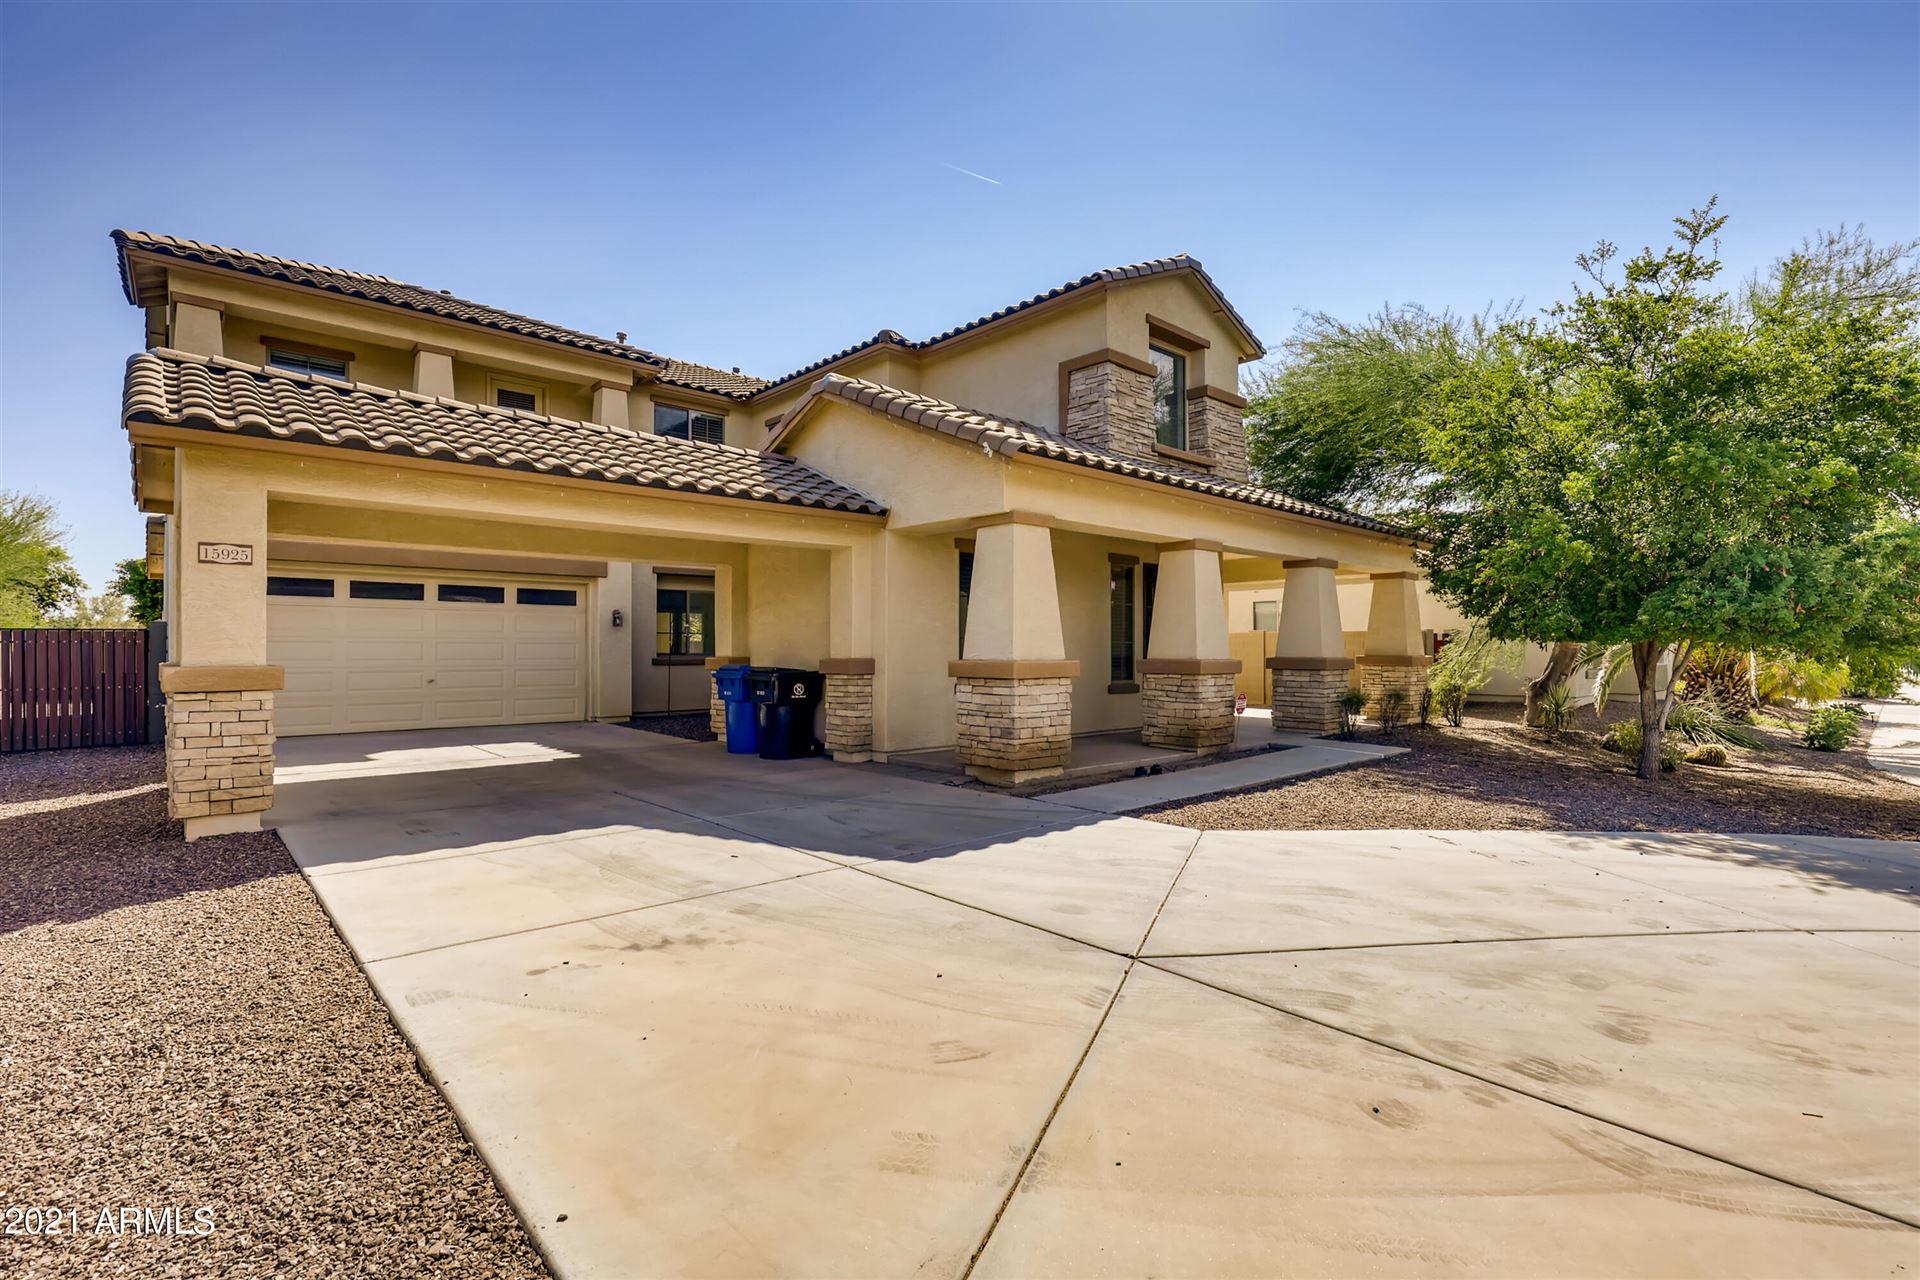 15925 W JENAN Drive, Surprise, AZ 85379 - MLS#: 6285690